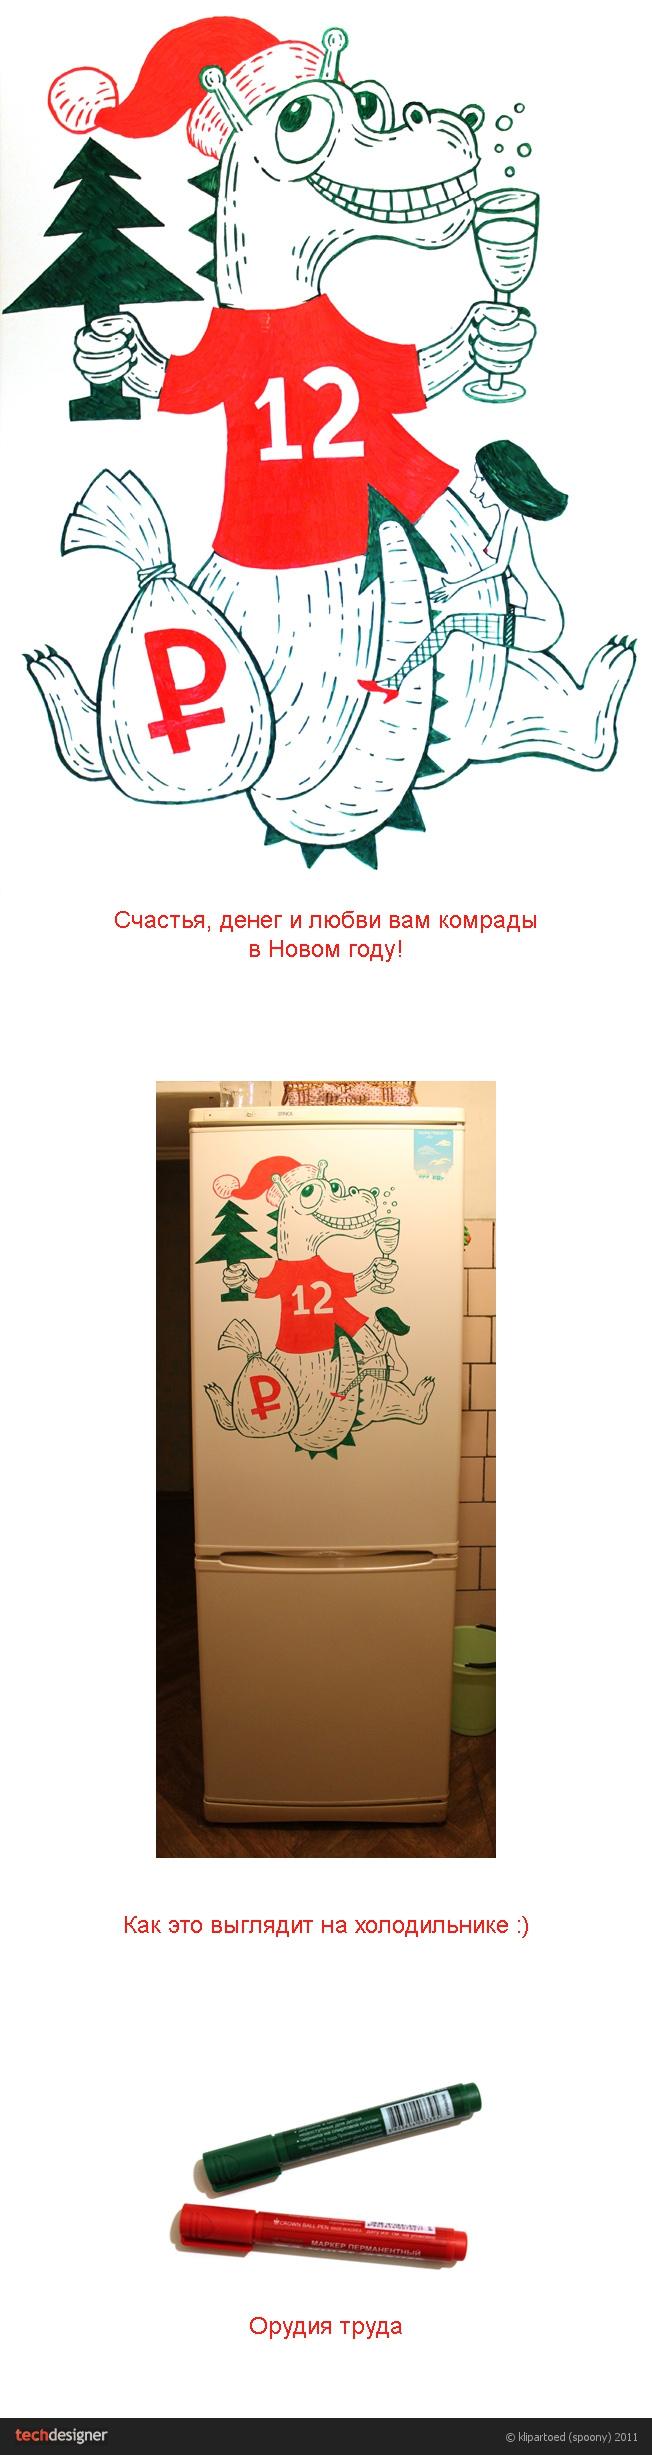 Дракон на холодильнике